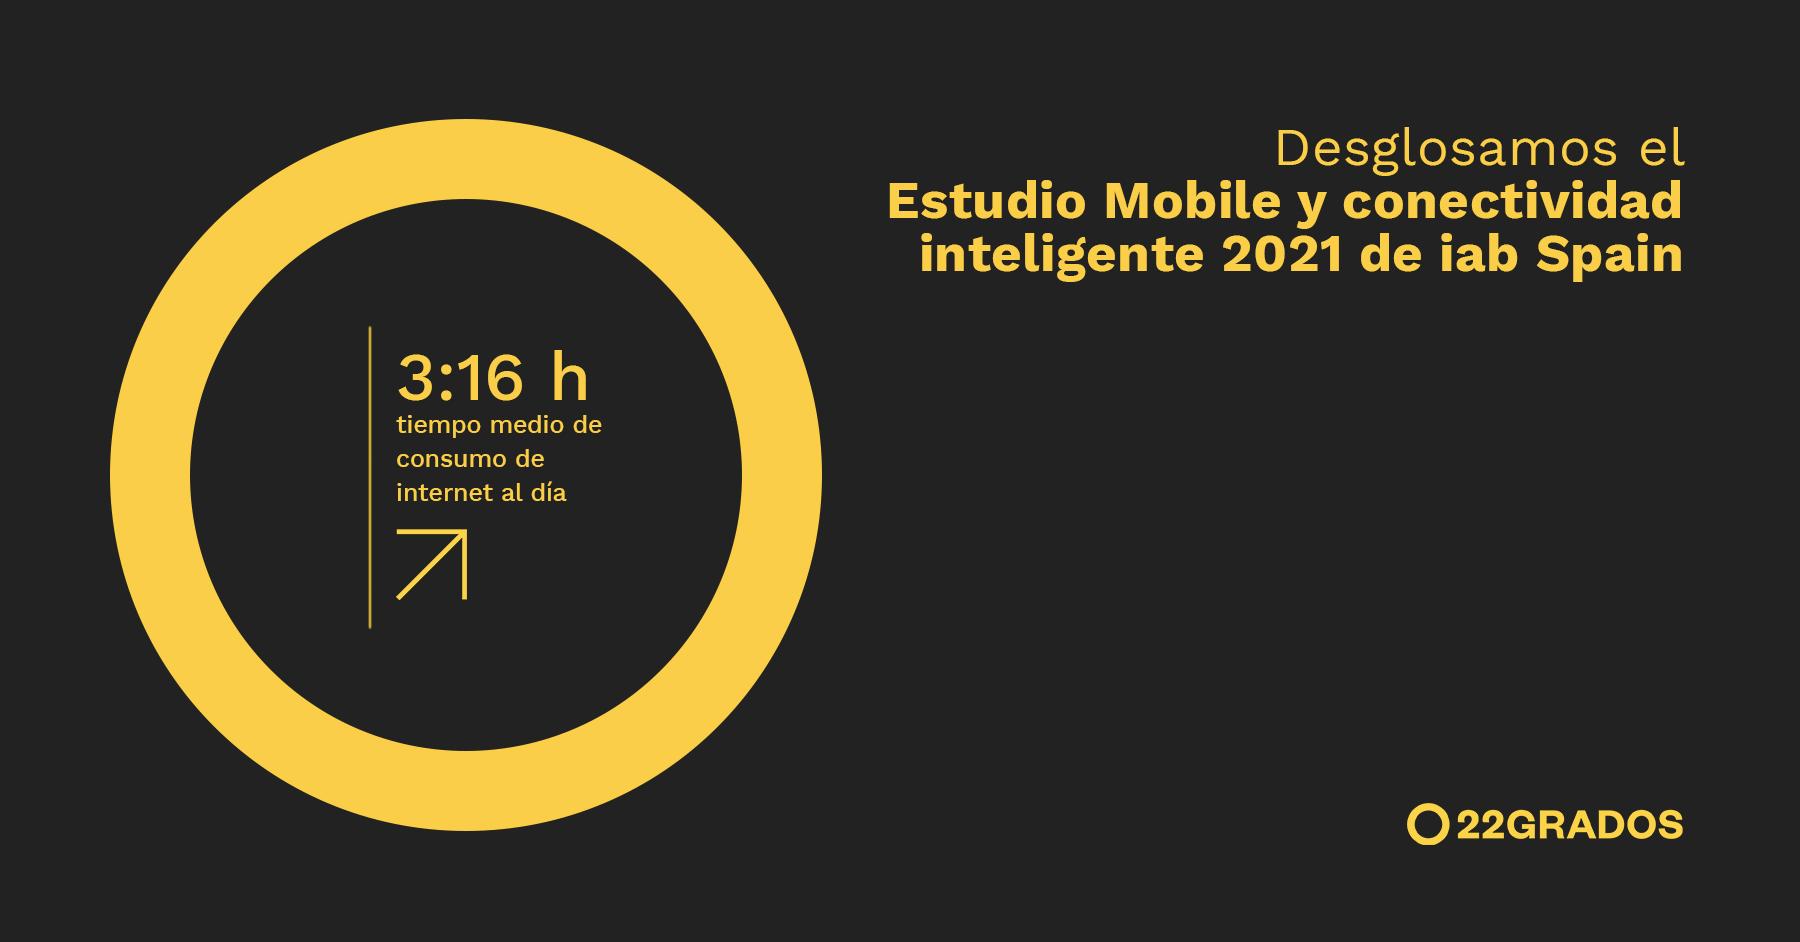 Estudio Mobile y Conectividad Inteligente 2021: 2 de cada 3 minutos de navegación en internet se hace a través de dispositivos móviles